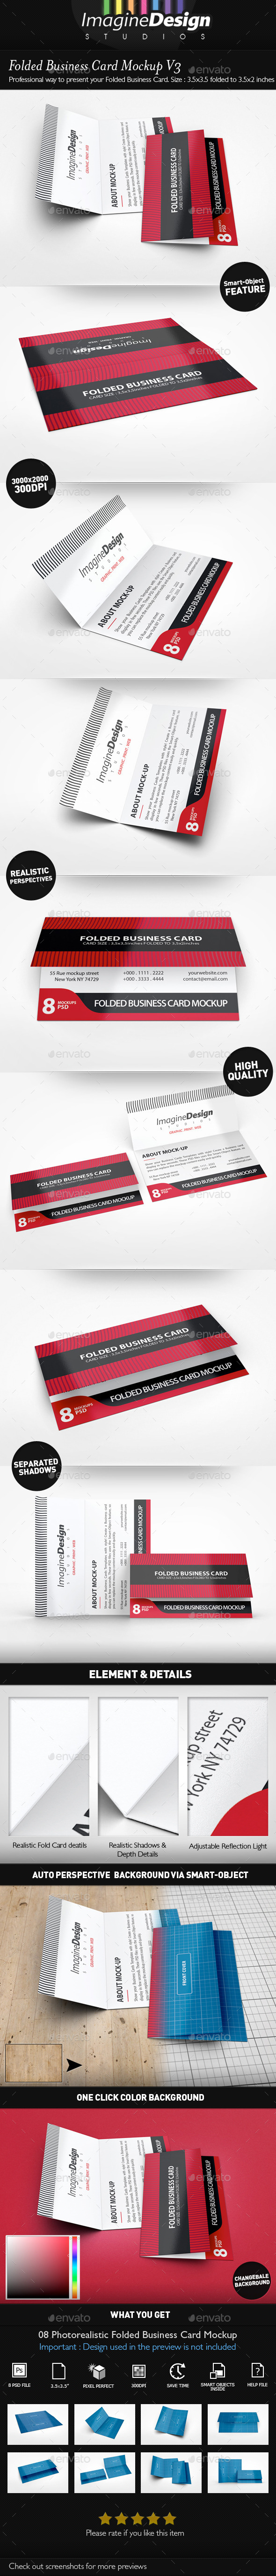 Folded Business Card Mockup V3 - Business Cards Print